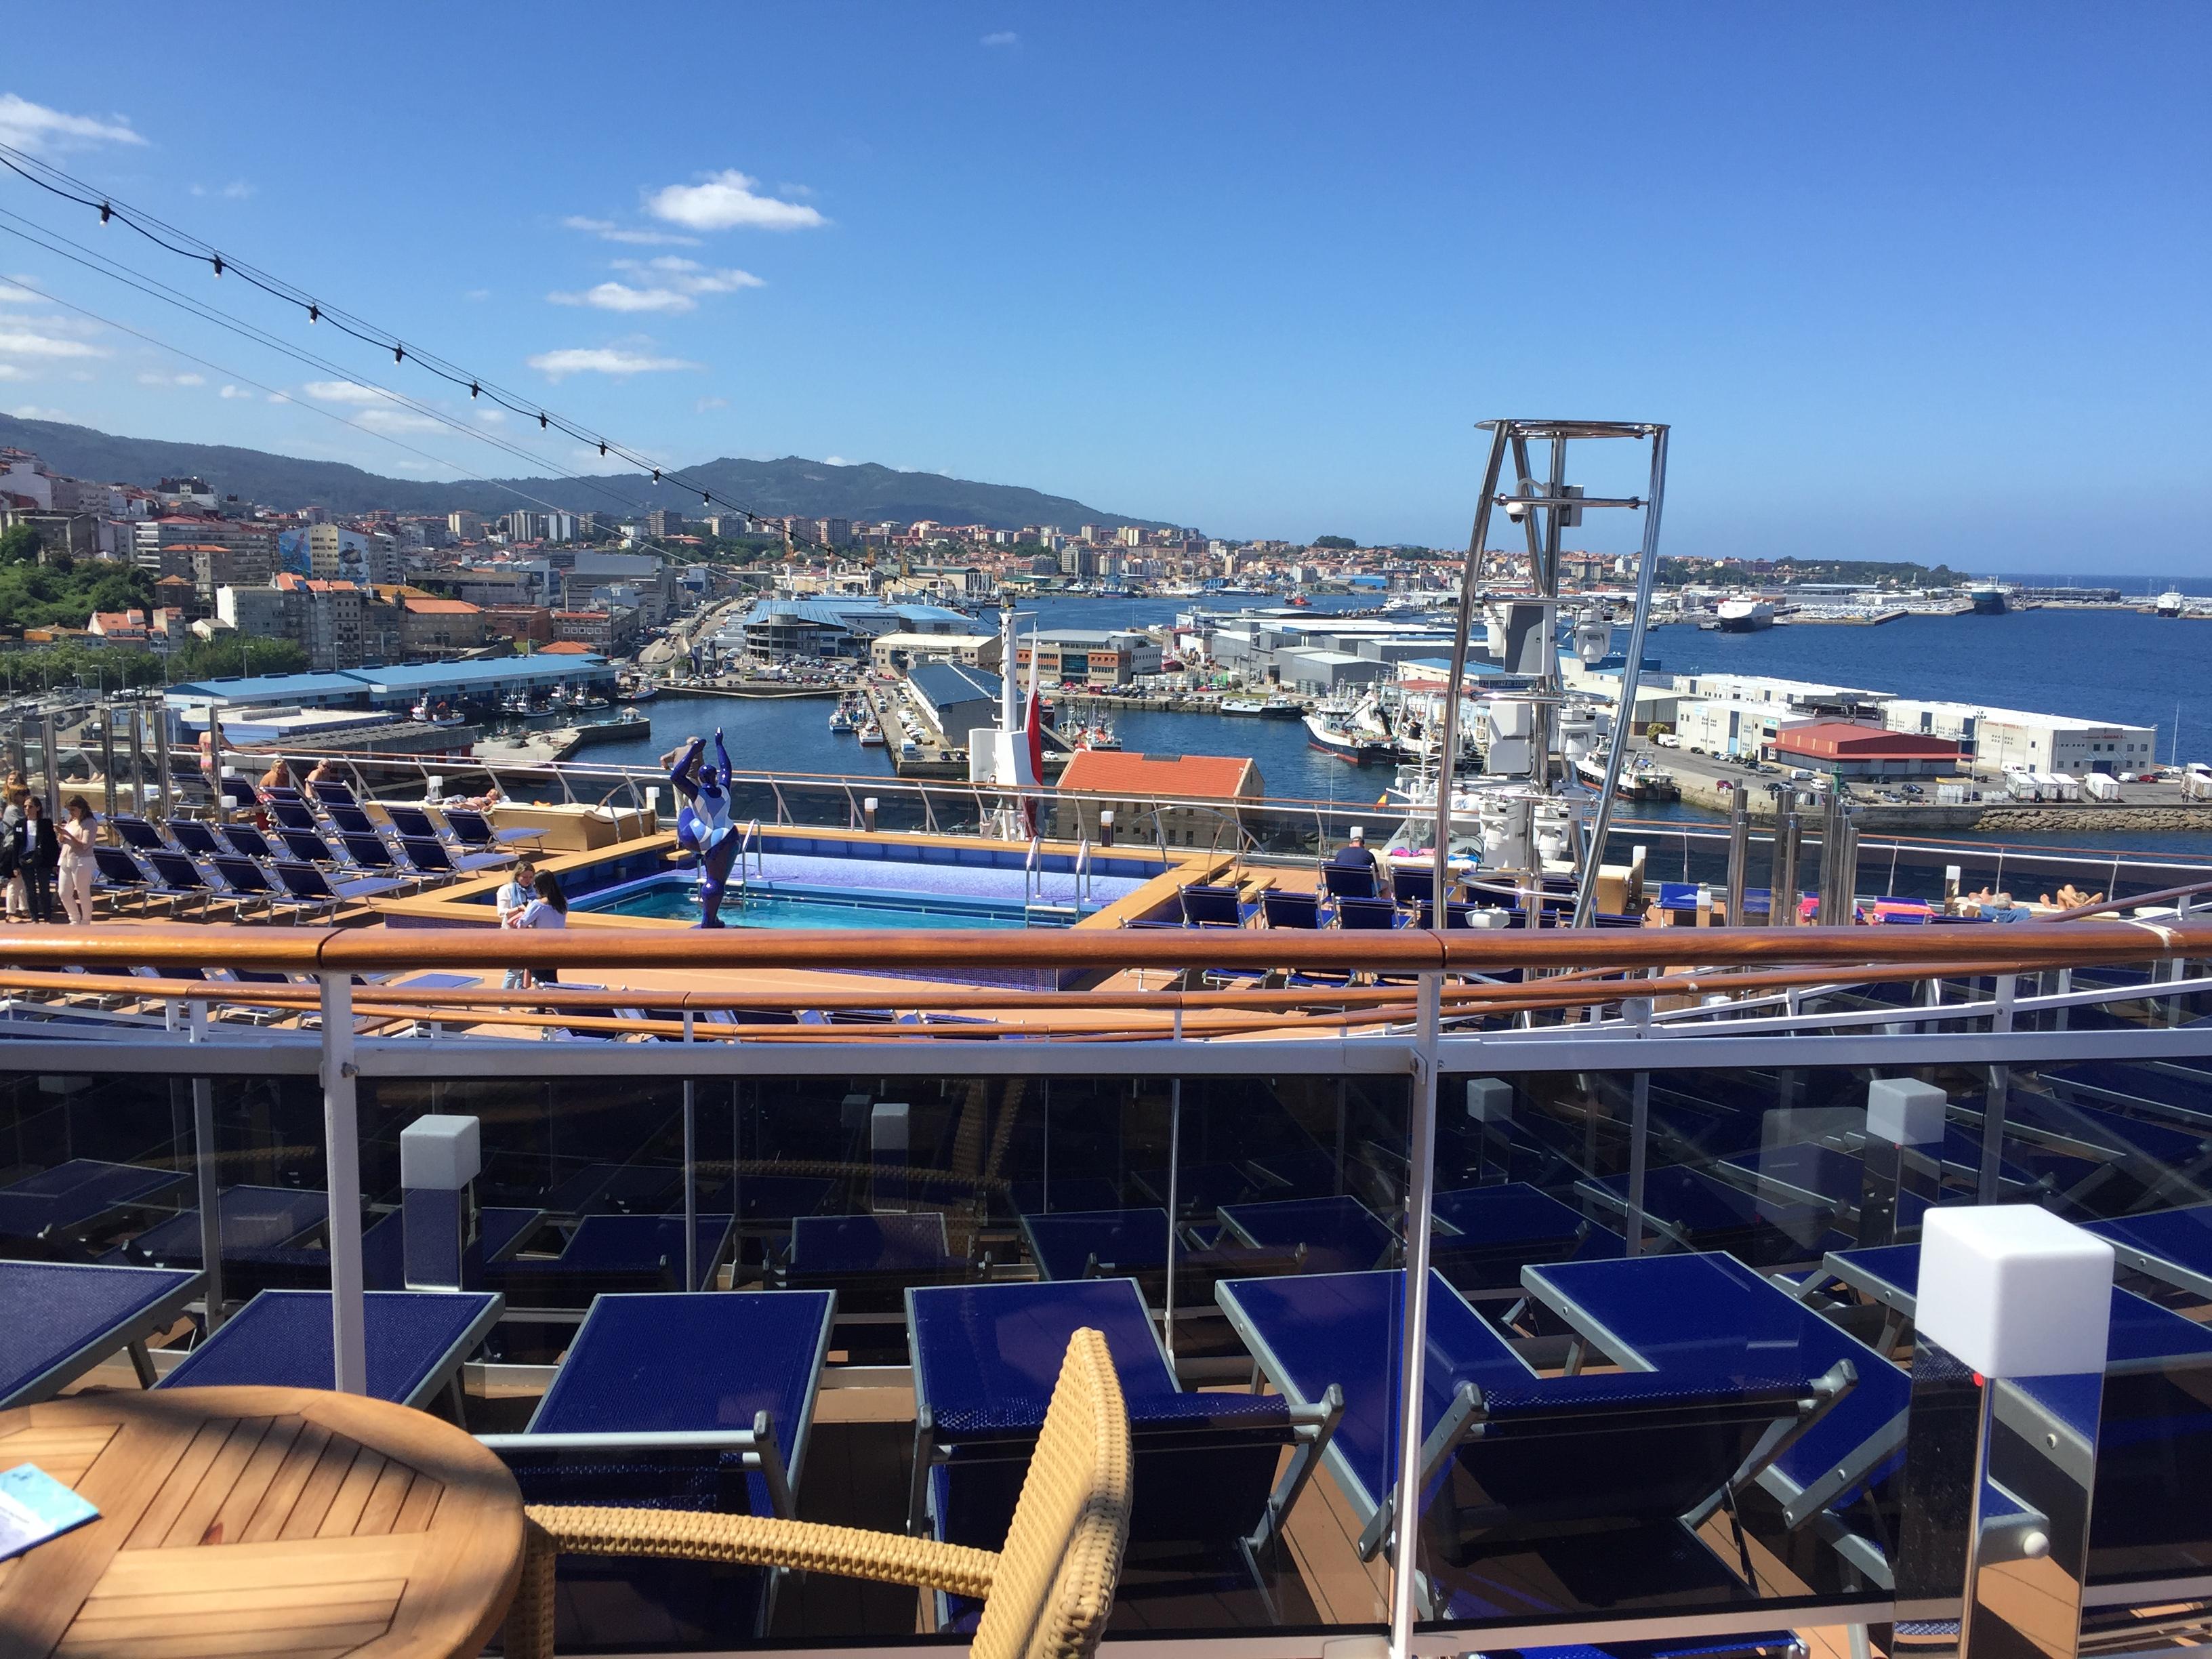 As es por dentro el msc meraviglia de msc cruceros - Puerto de vigo cruceros ...